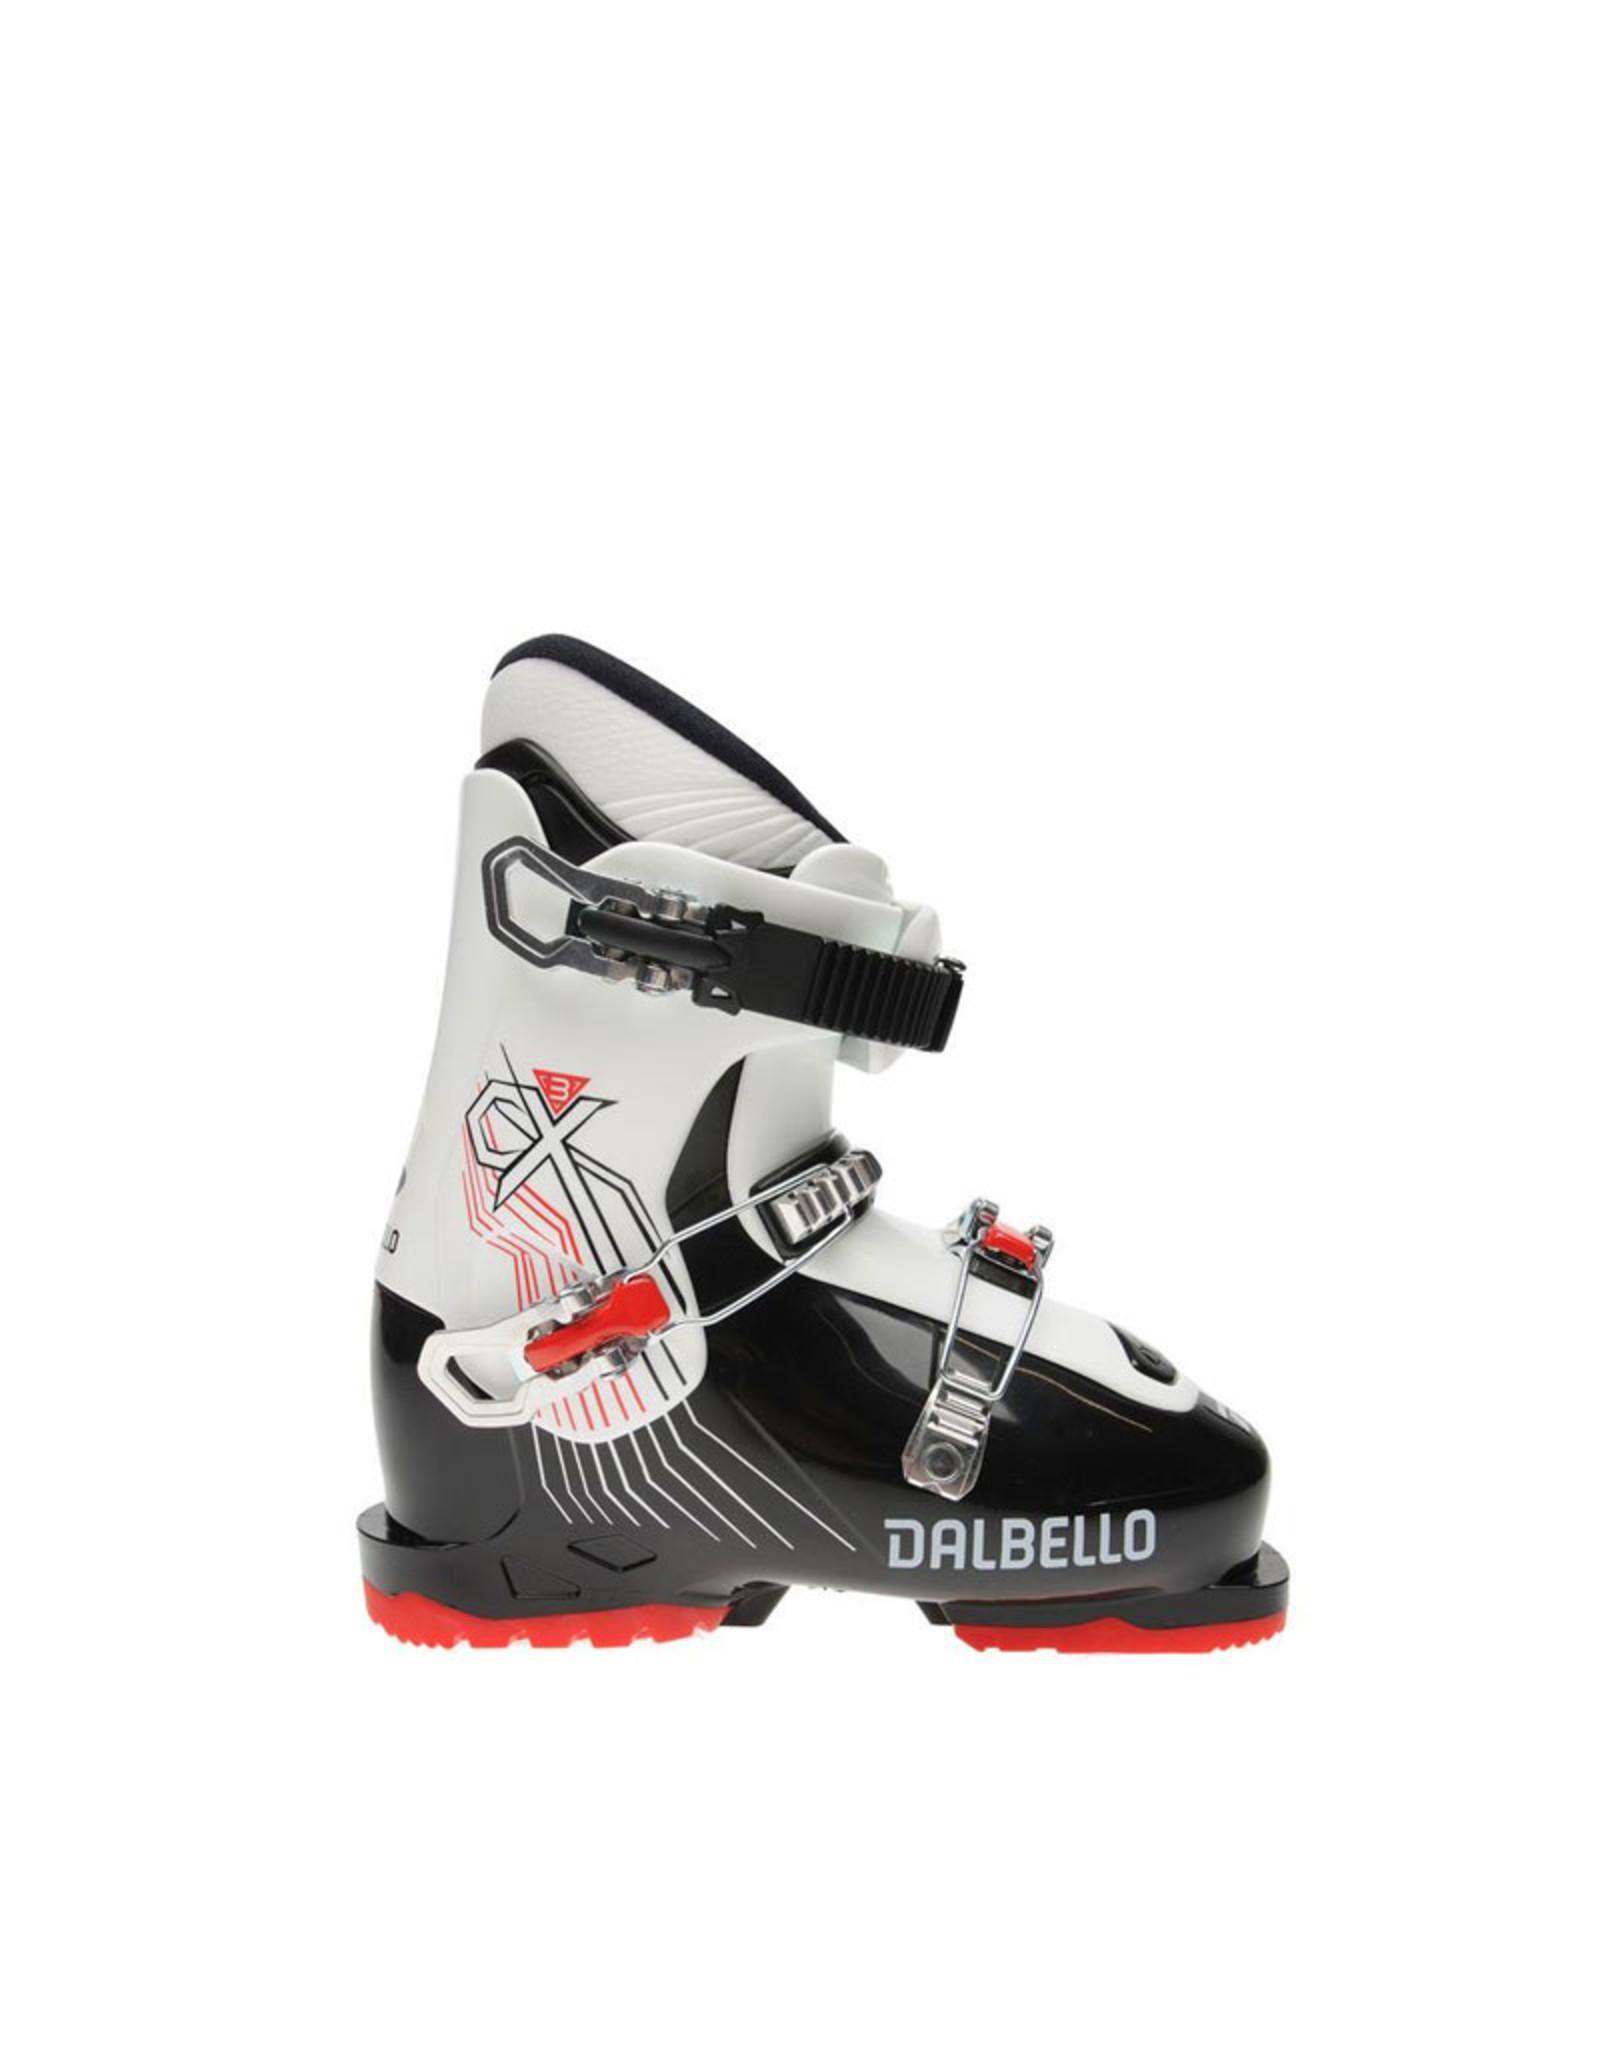 DALBELLO Skischoenen DALBELLO CX 3 (zilver)  Gebruikt